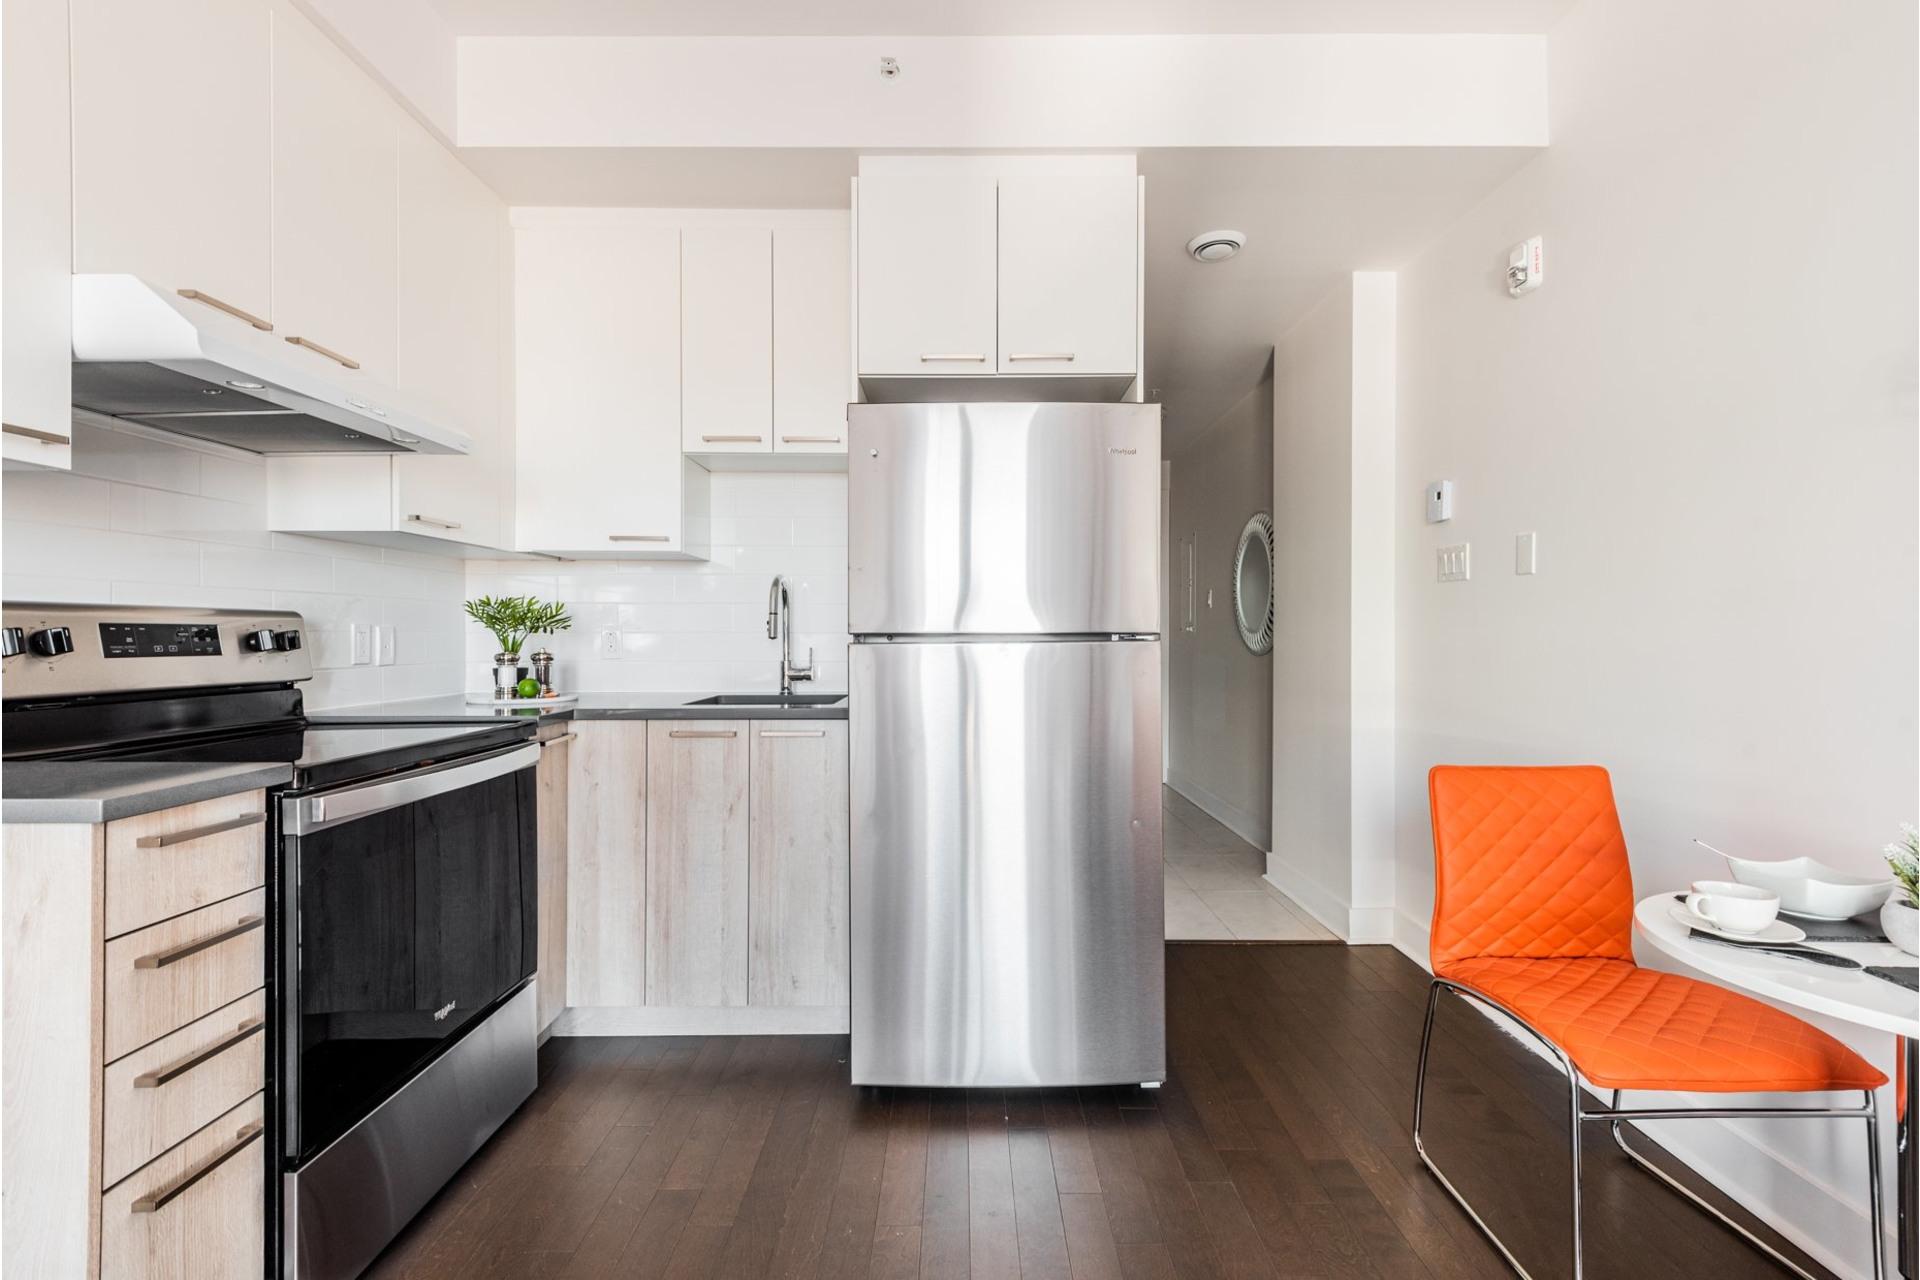 image 5 - Appartement À vendre Villeray/Saint-Michel/Parc-Extension Montréal  - 3 pièces